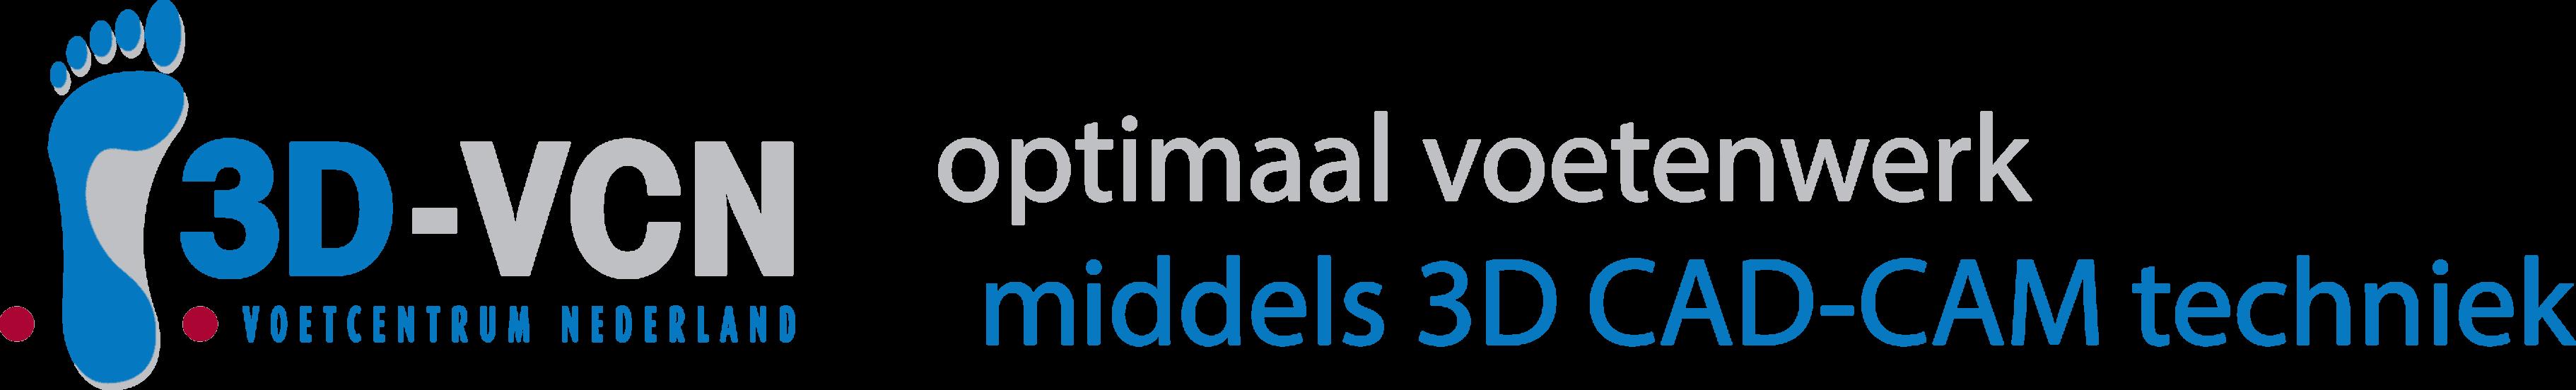 3D-VCN Retina Logo